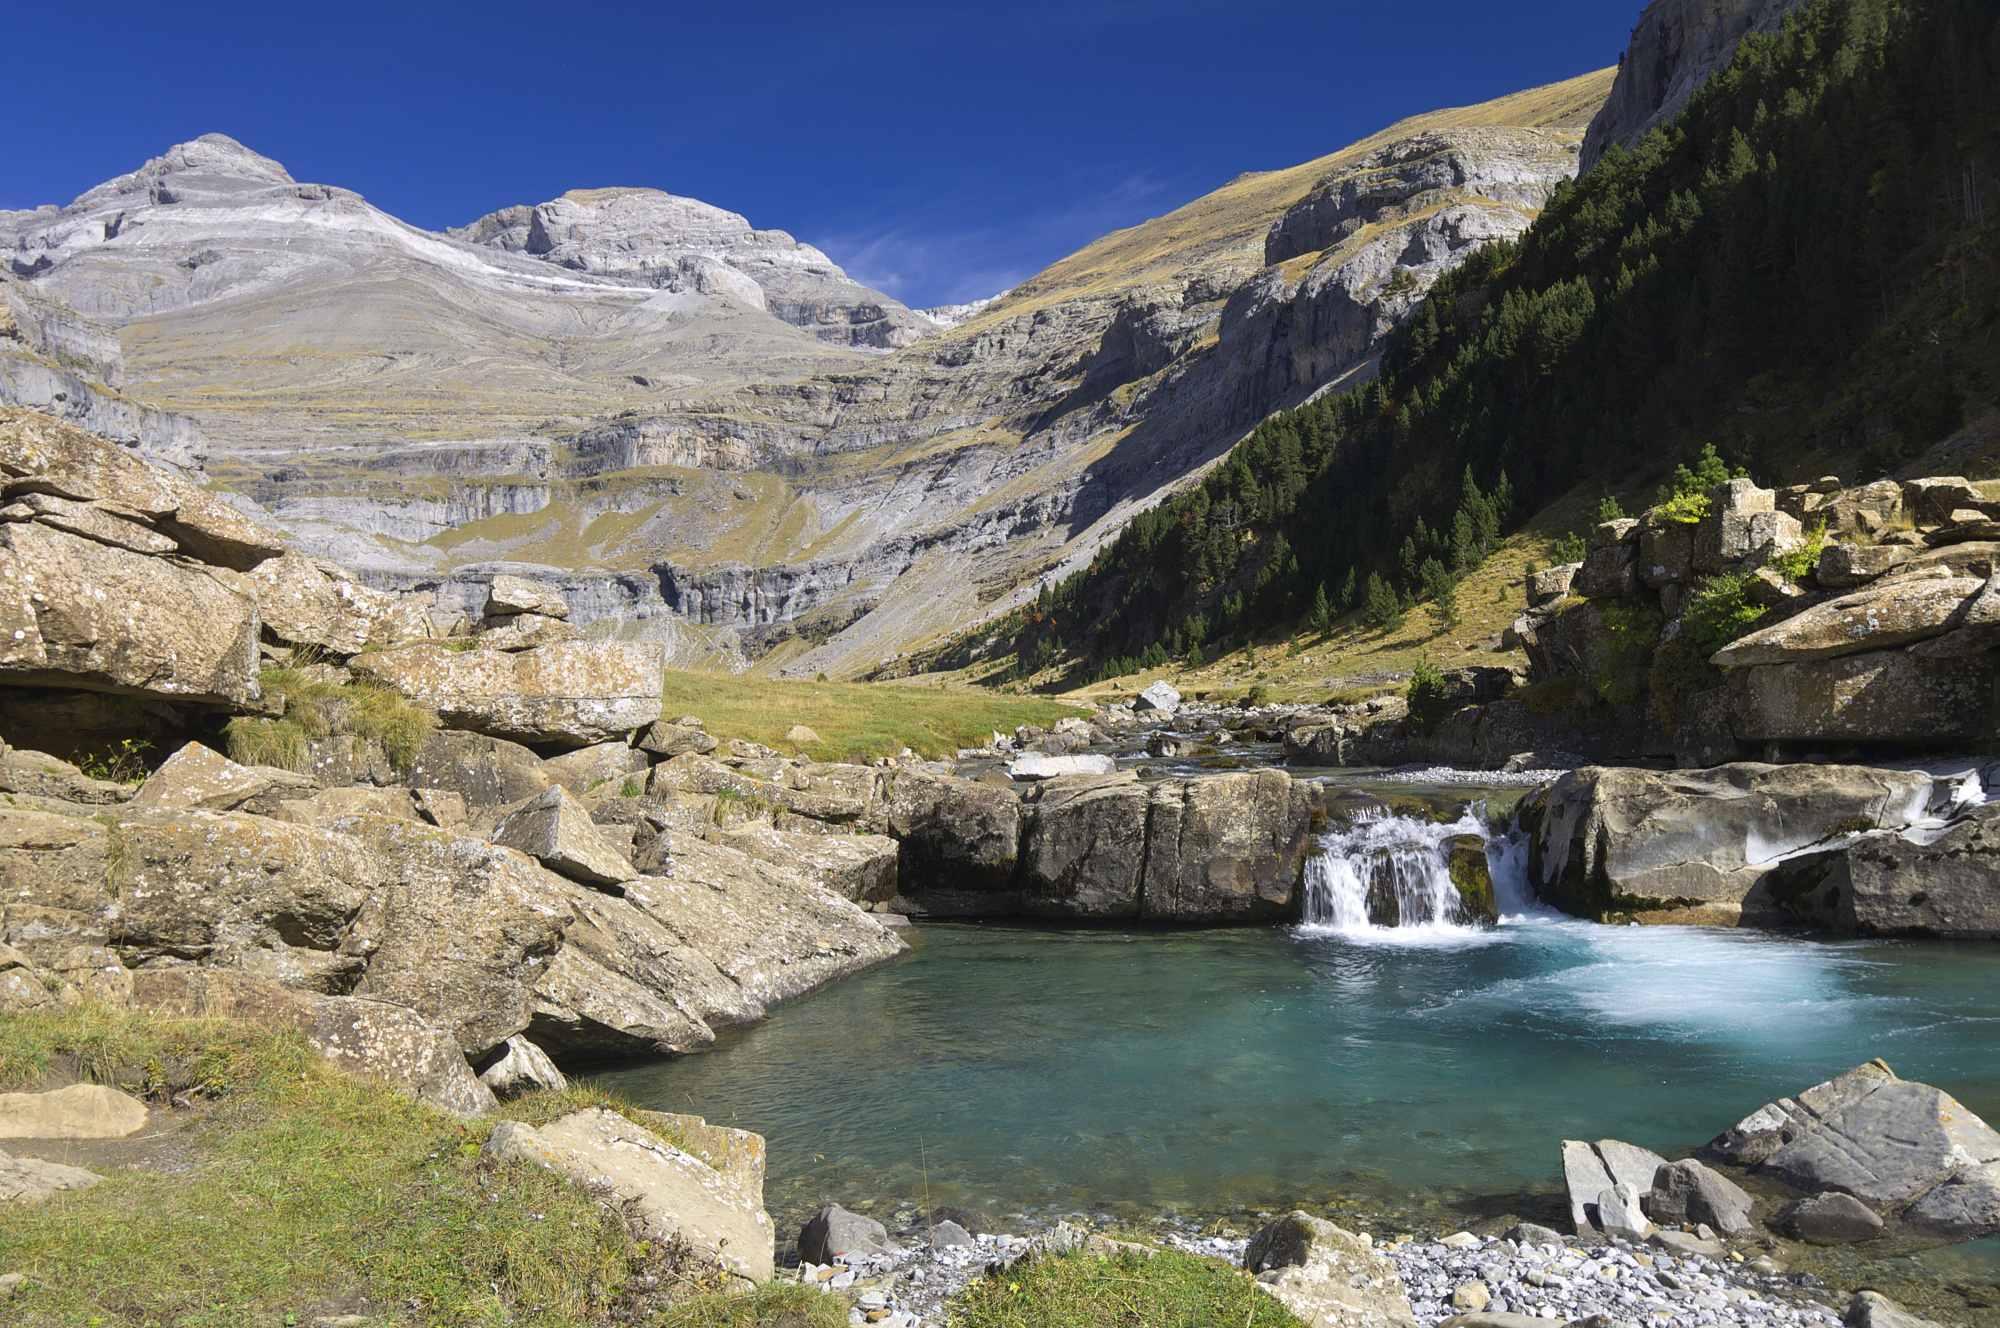 Francie, Španělsko - Pyreneje s dobrou partou